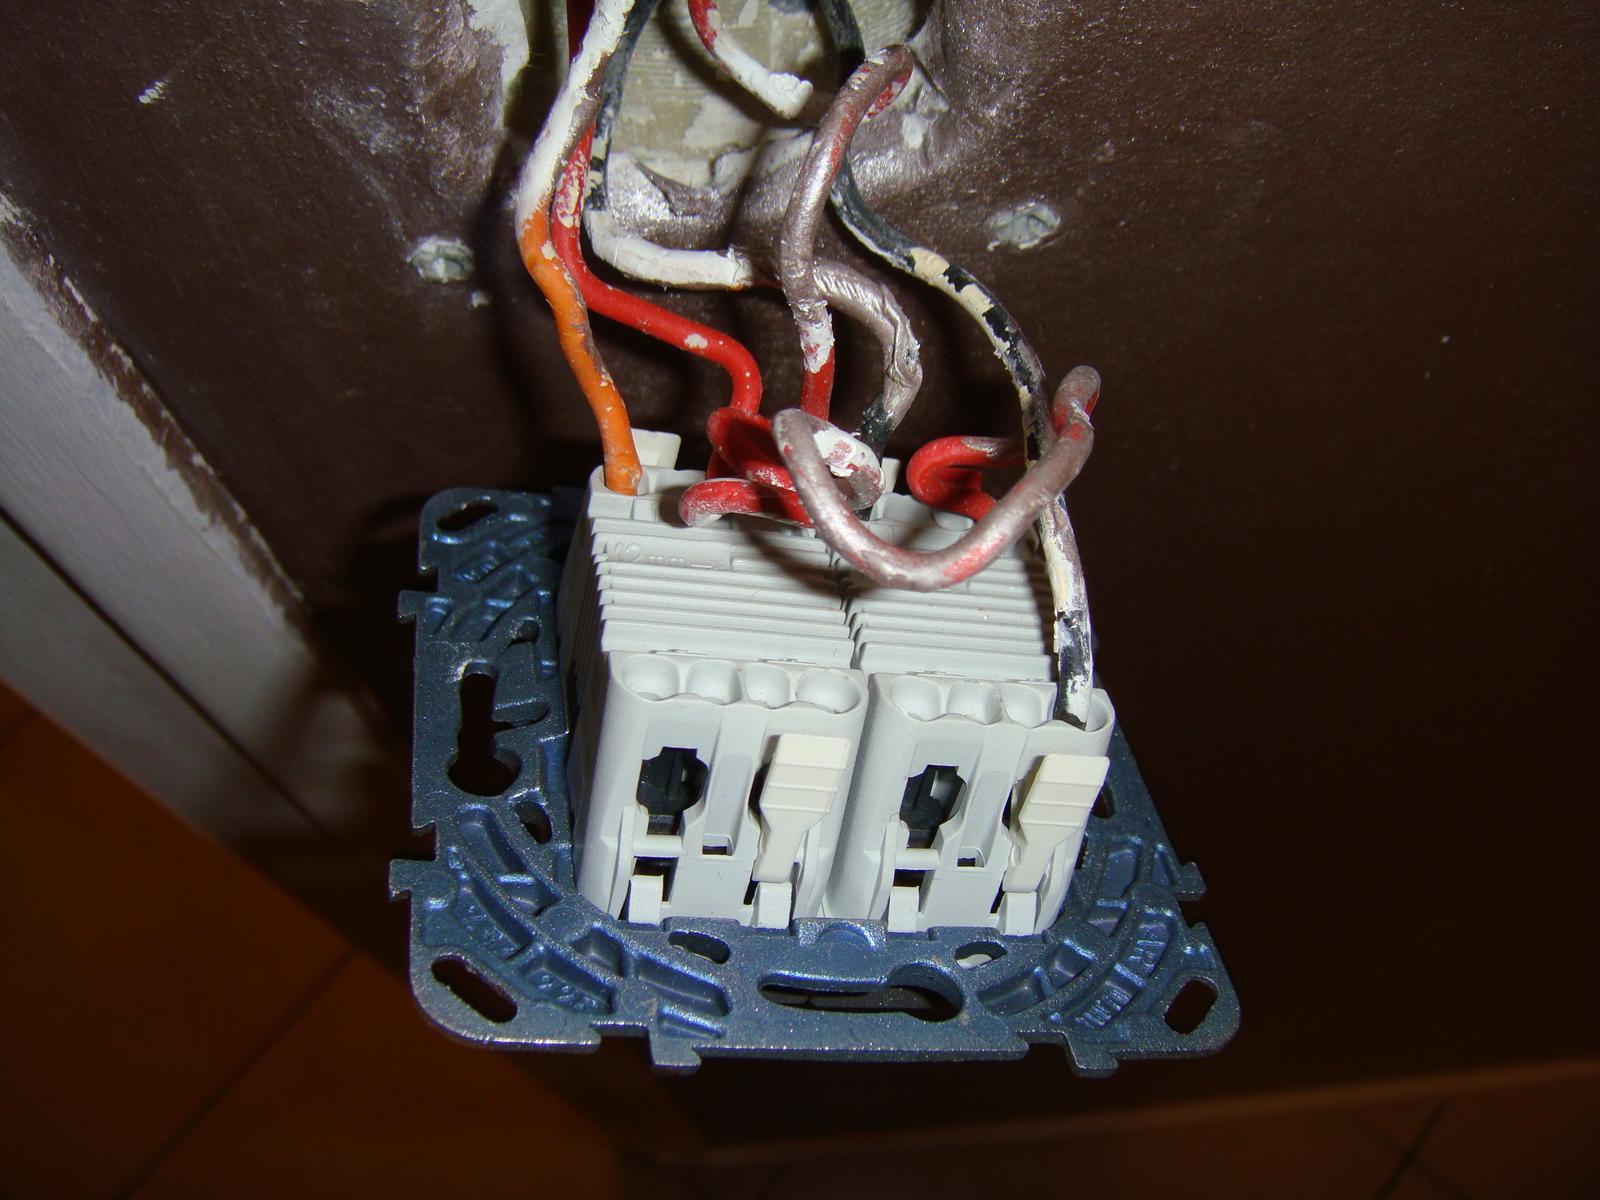 Comment brancher mon double interrupteur va et vient - Brancher interrupteur va et vient ...